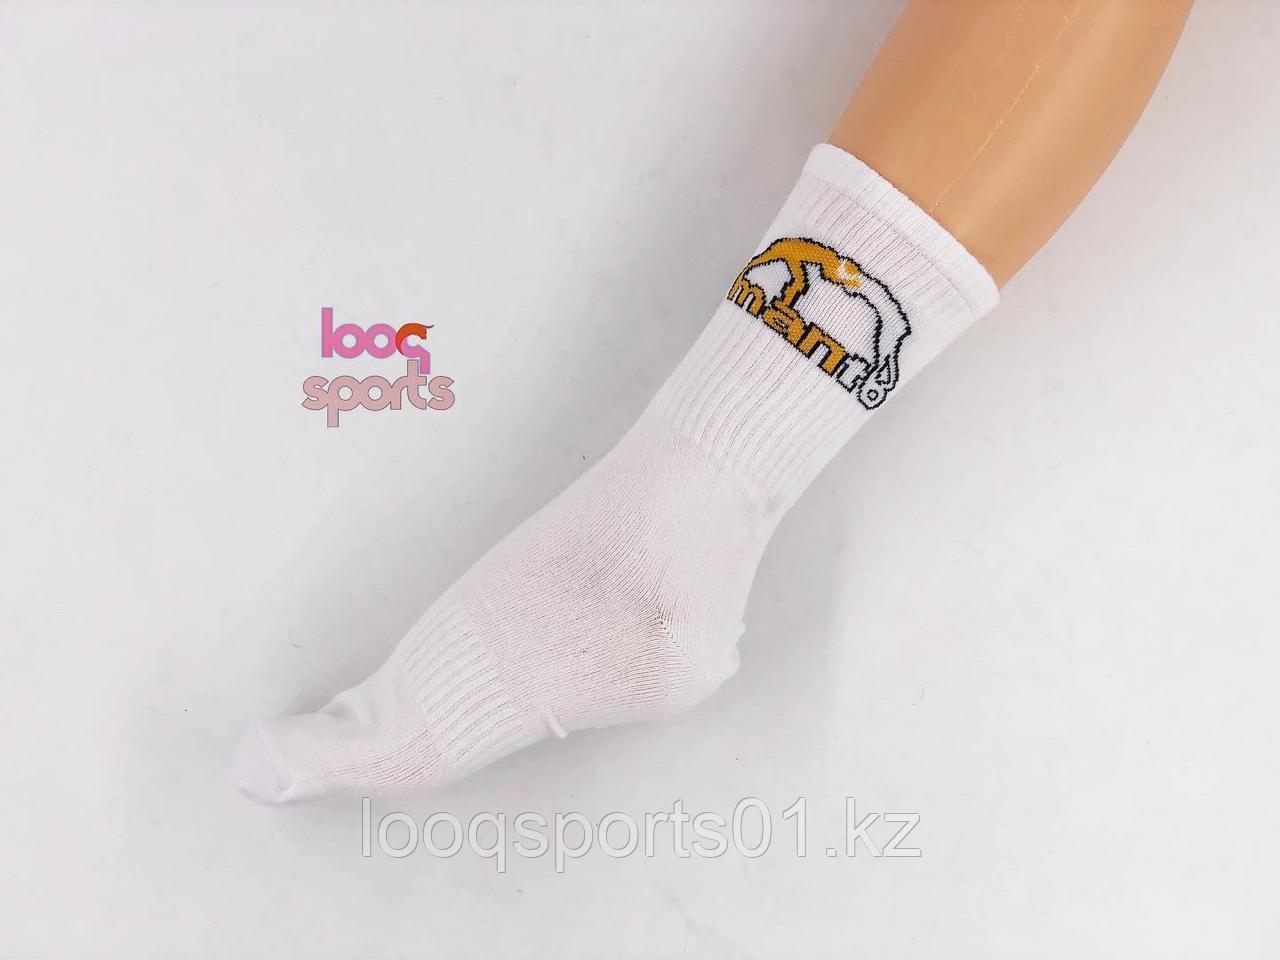 Спортивные носки под борцовки, для борьбы Manto